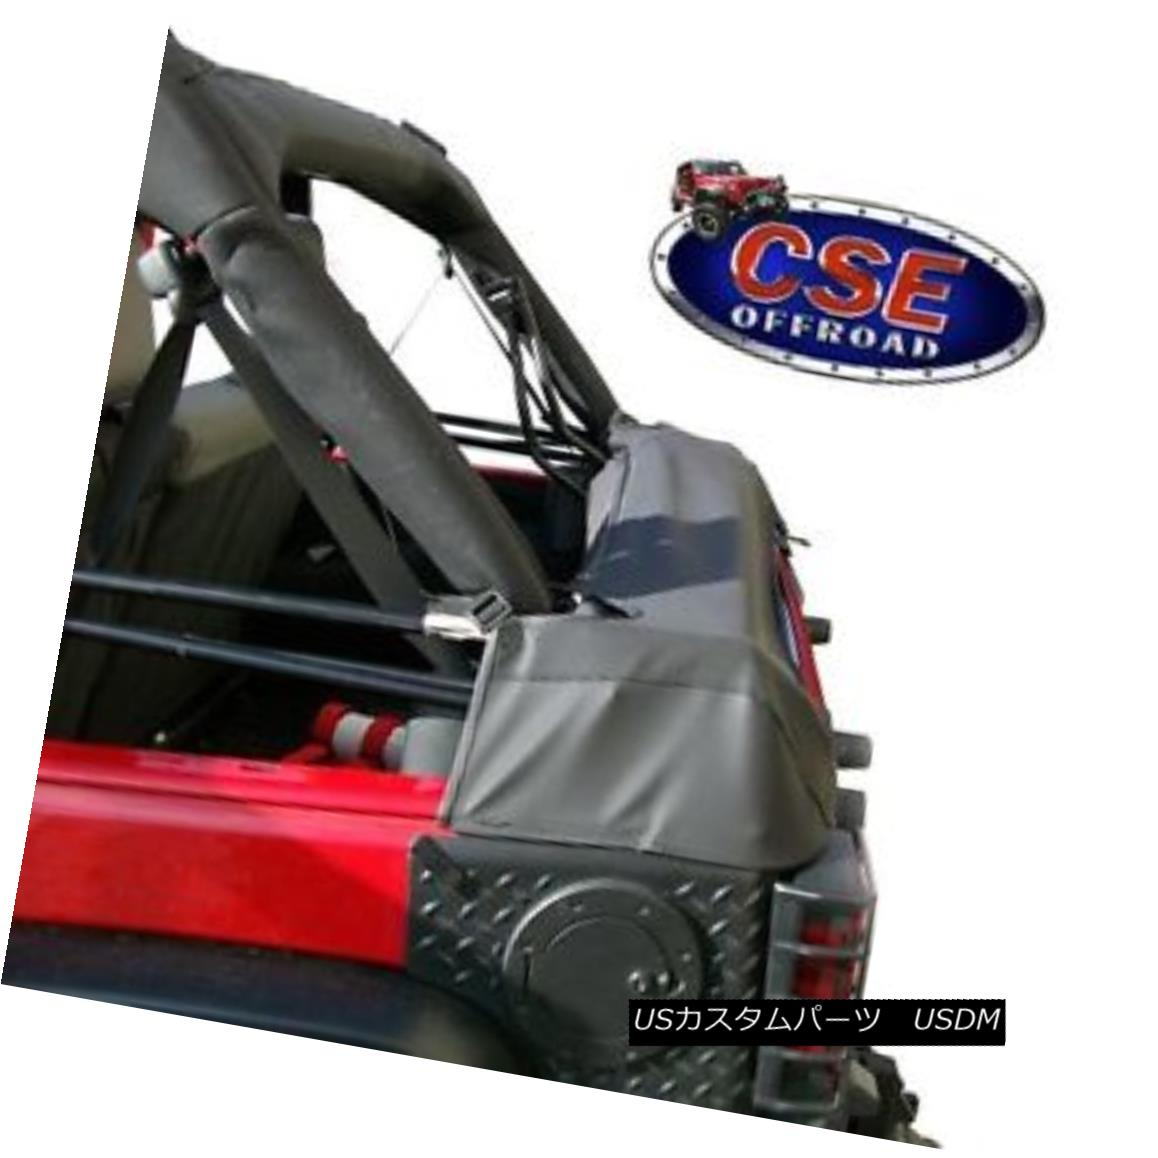 幌・ソフトトップ Soft Top Storage Boot Fits Jeep Wrangler JK 2007-16 2 Door 12104.50 Rugged Ridge ソフトトップストレージブーツフィットジープラングラーJK 2007-16 2ドア12104.50険しい尾根